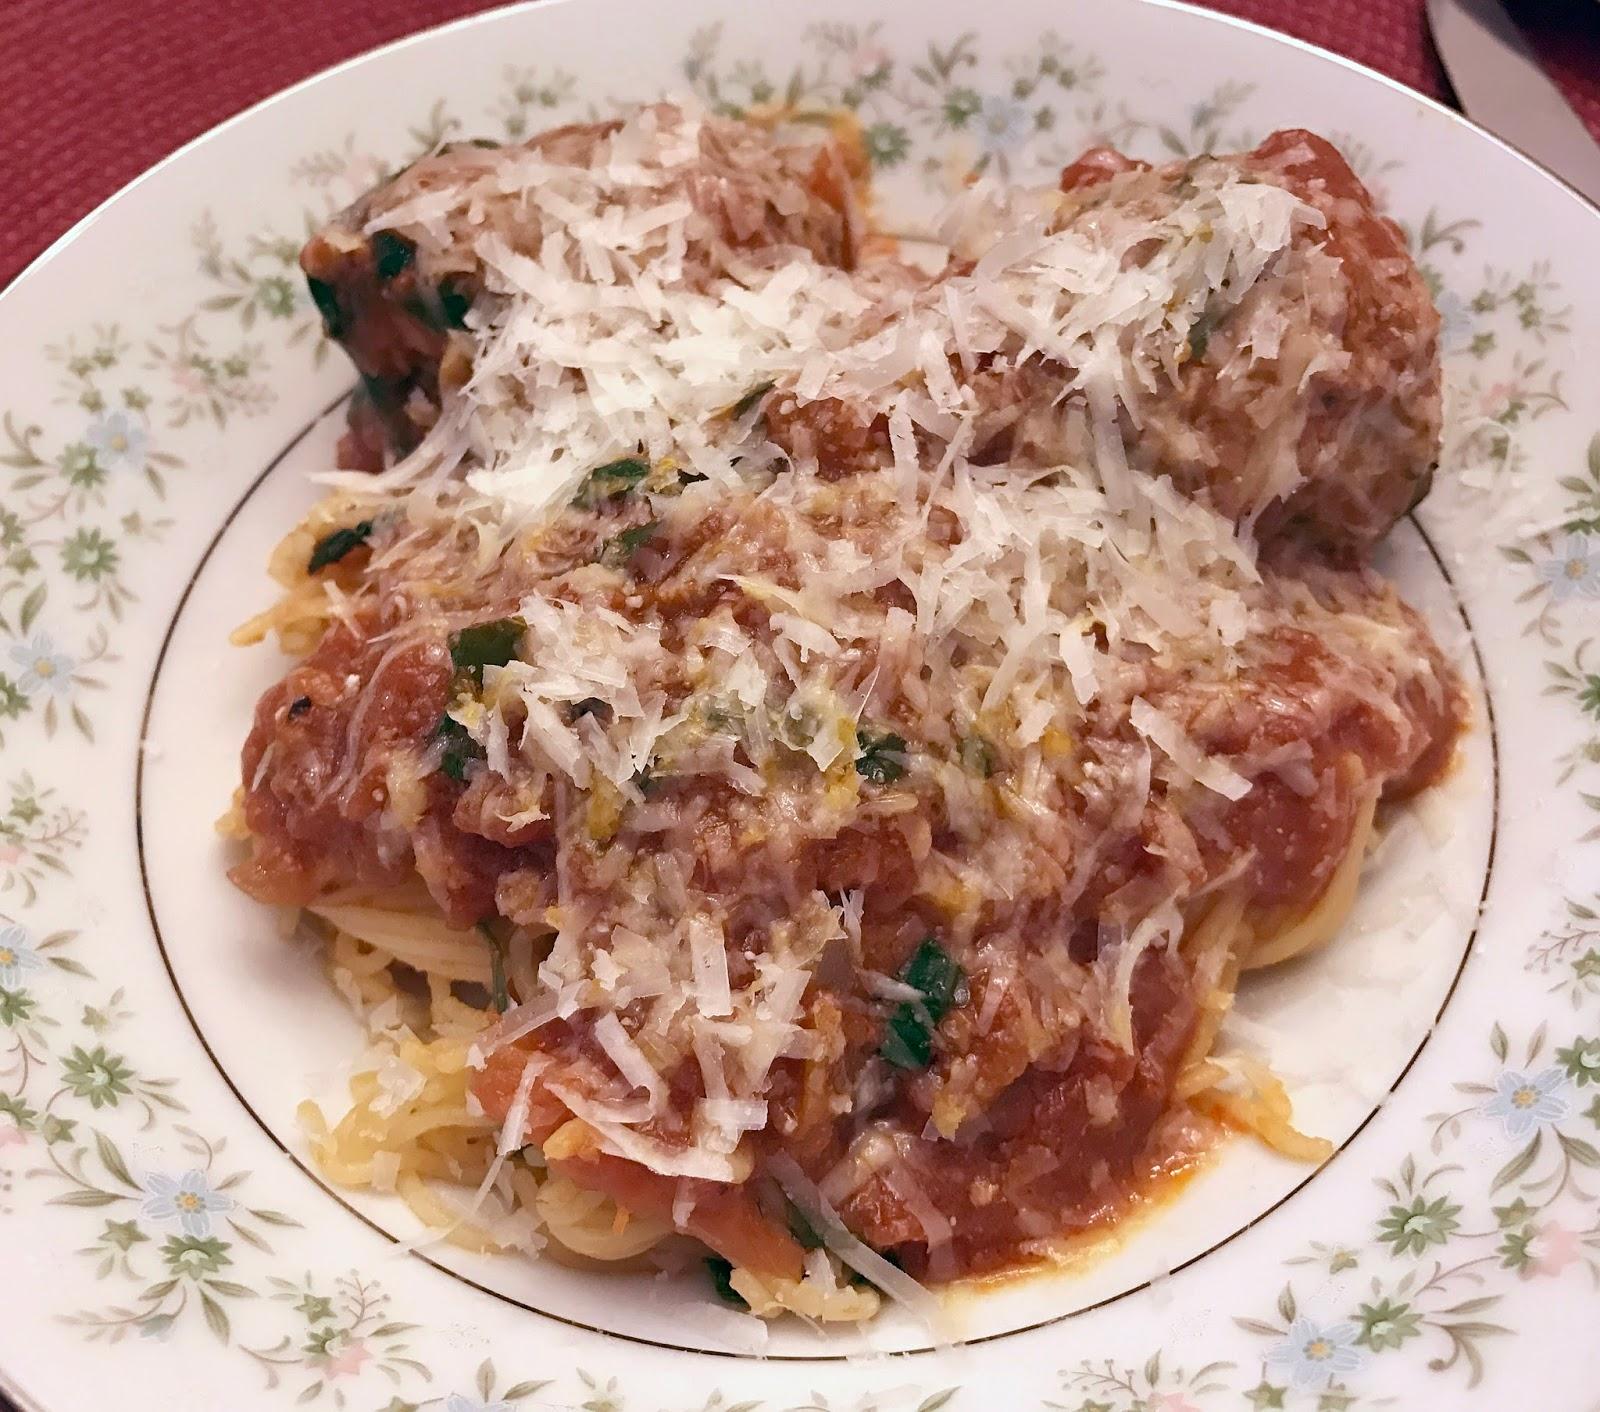 Culturally Confused Two Meatballs In The Italian Kitchen Polpettine Con Spaghetti Meatballs